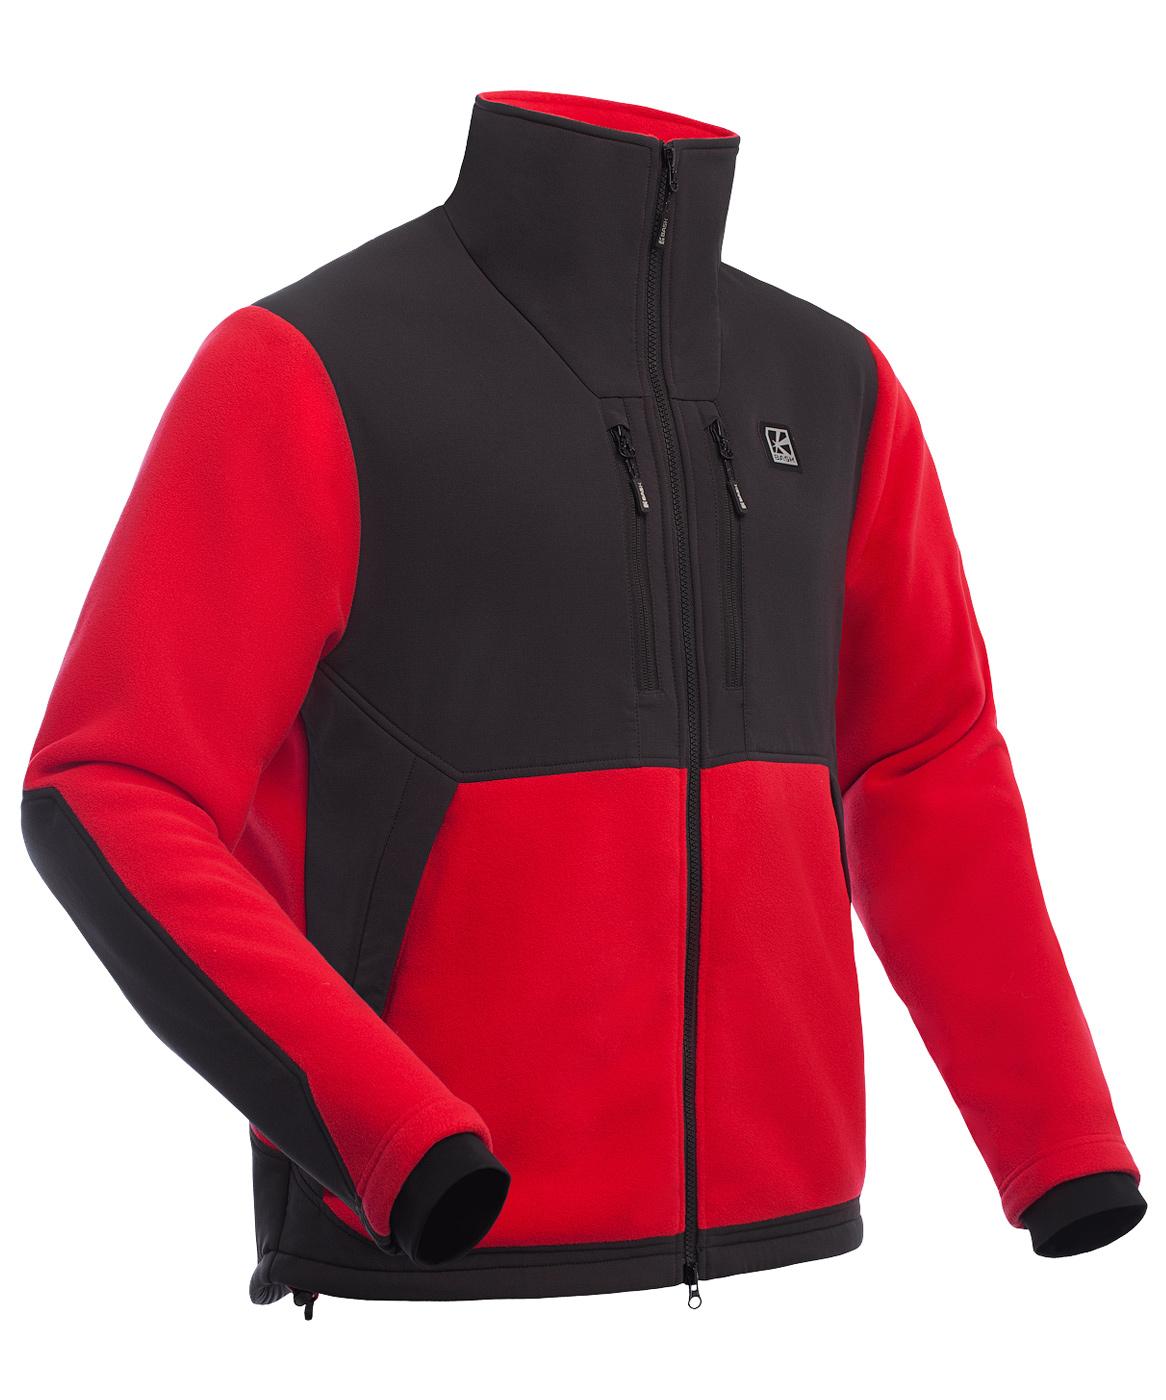 Куртка мужская Polartec BASK GUIDE красная, Куртки из Polartec и флиса - арт. 1066470330